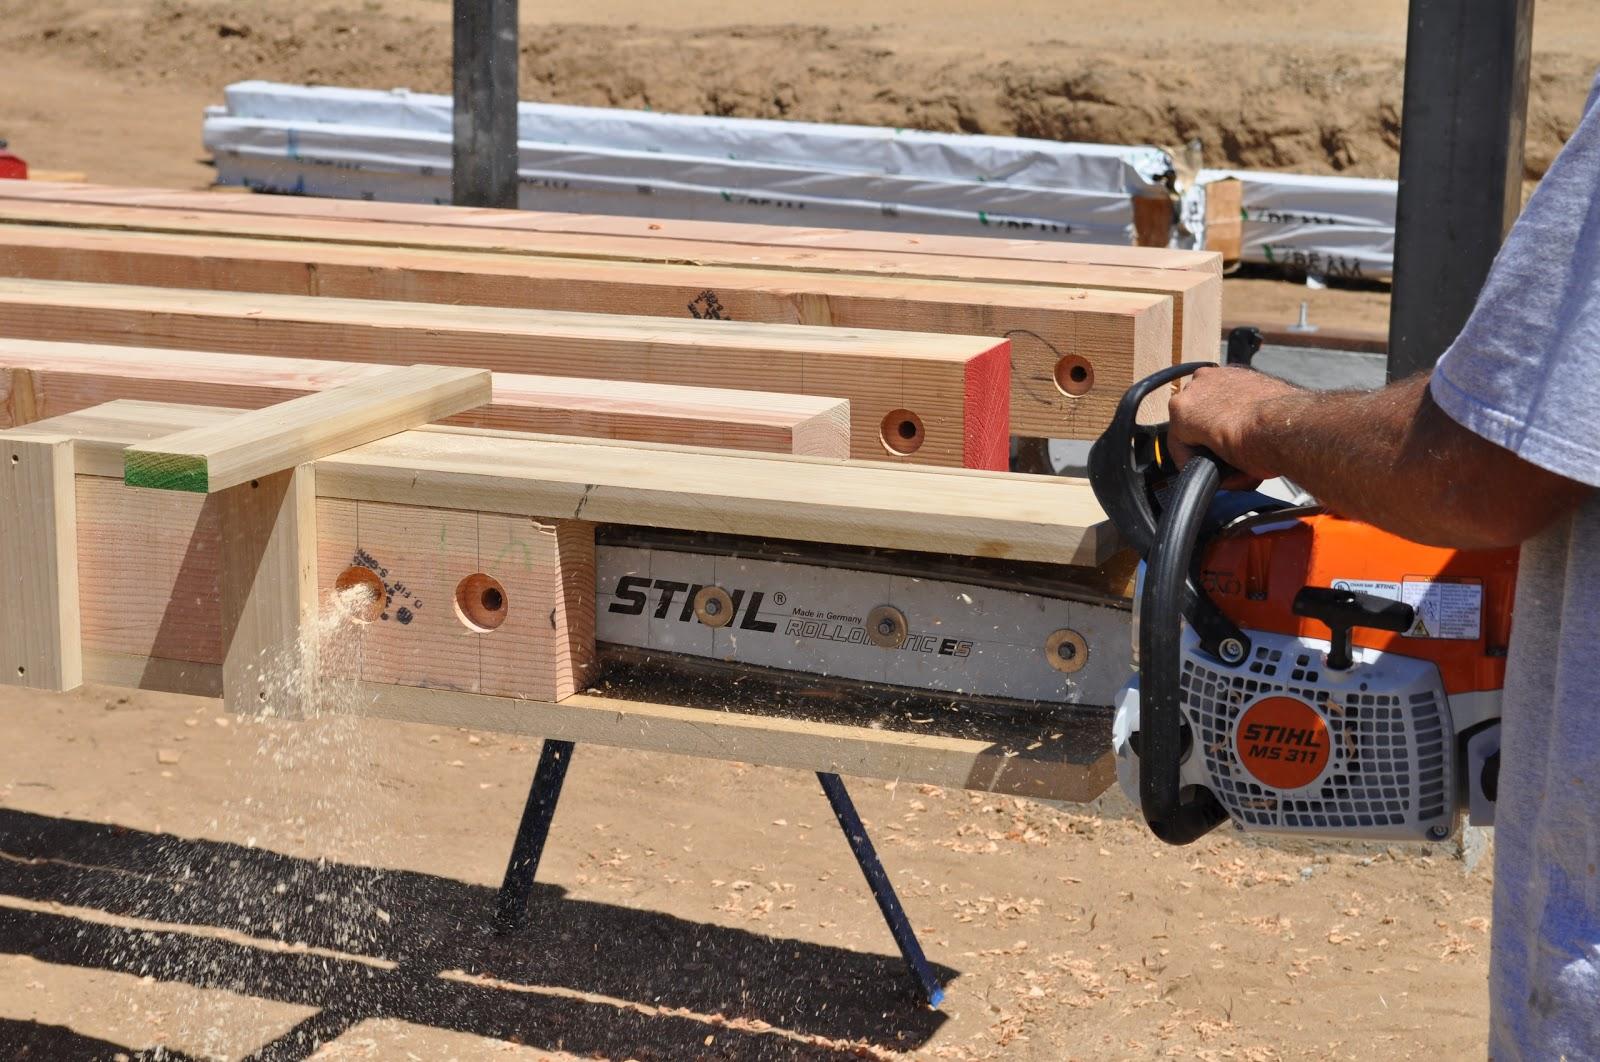 Roof Framing Geometry: Knife Plate Slotter for Timber Framing